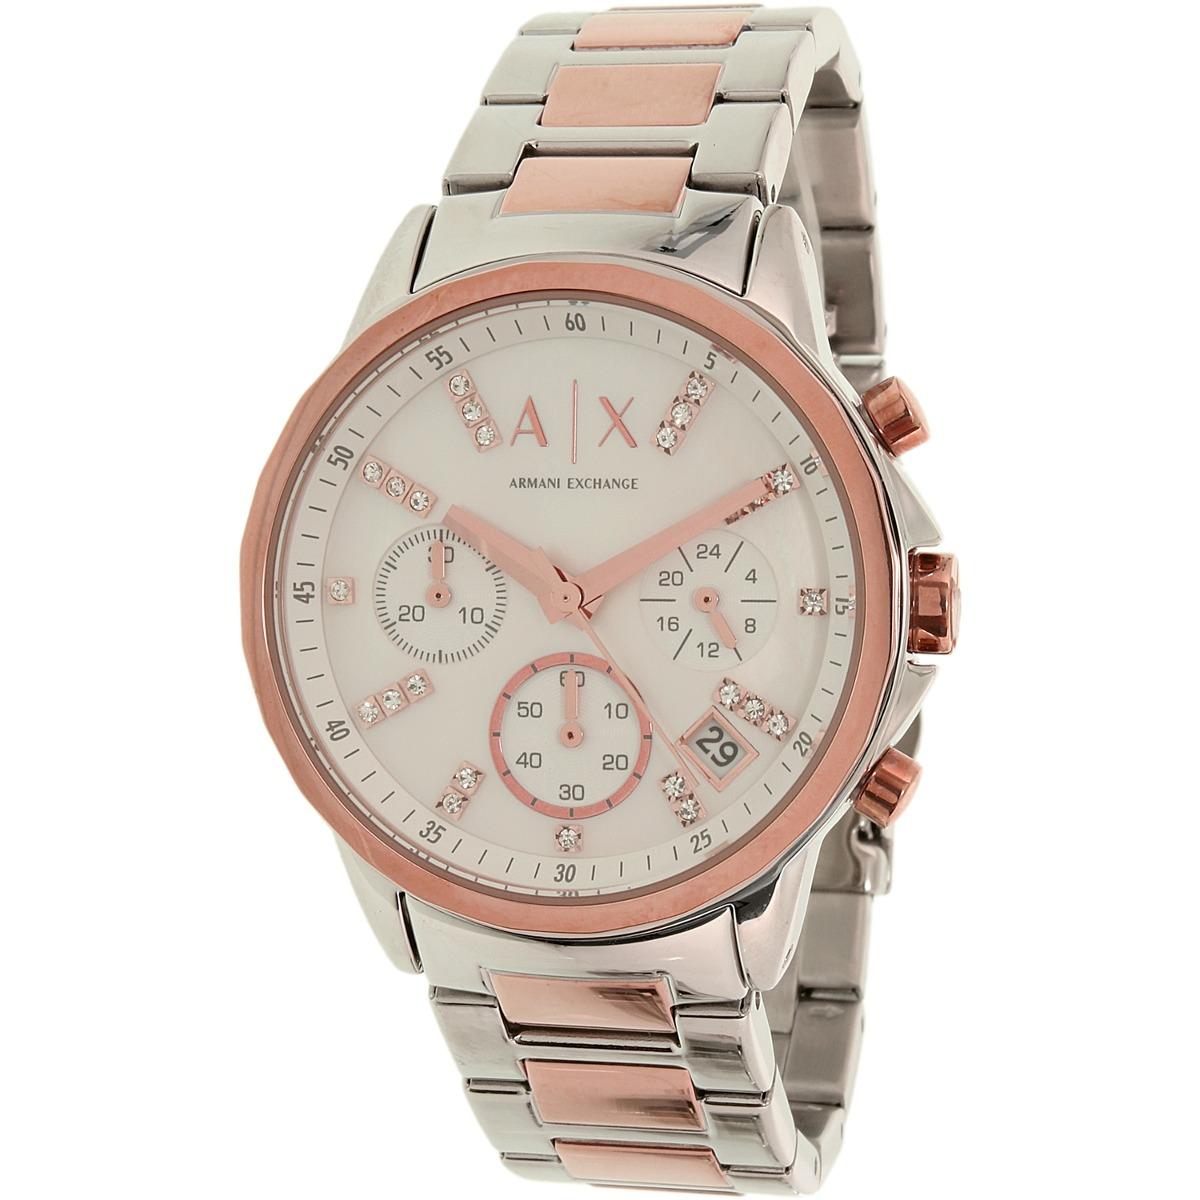 b464d2313528 Reloj Armani Exchange Para Mujer Ax4331 Plateado En Acero ...